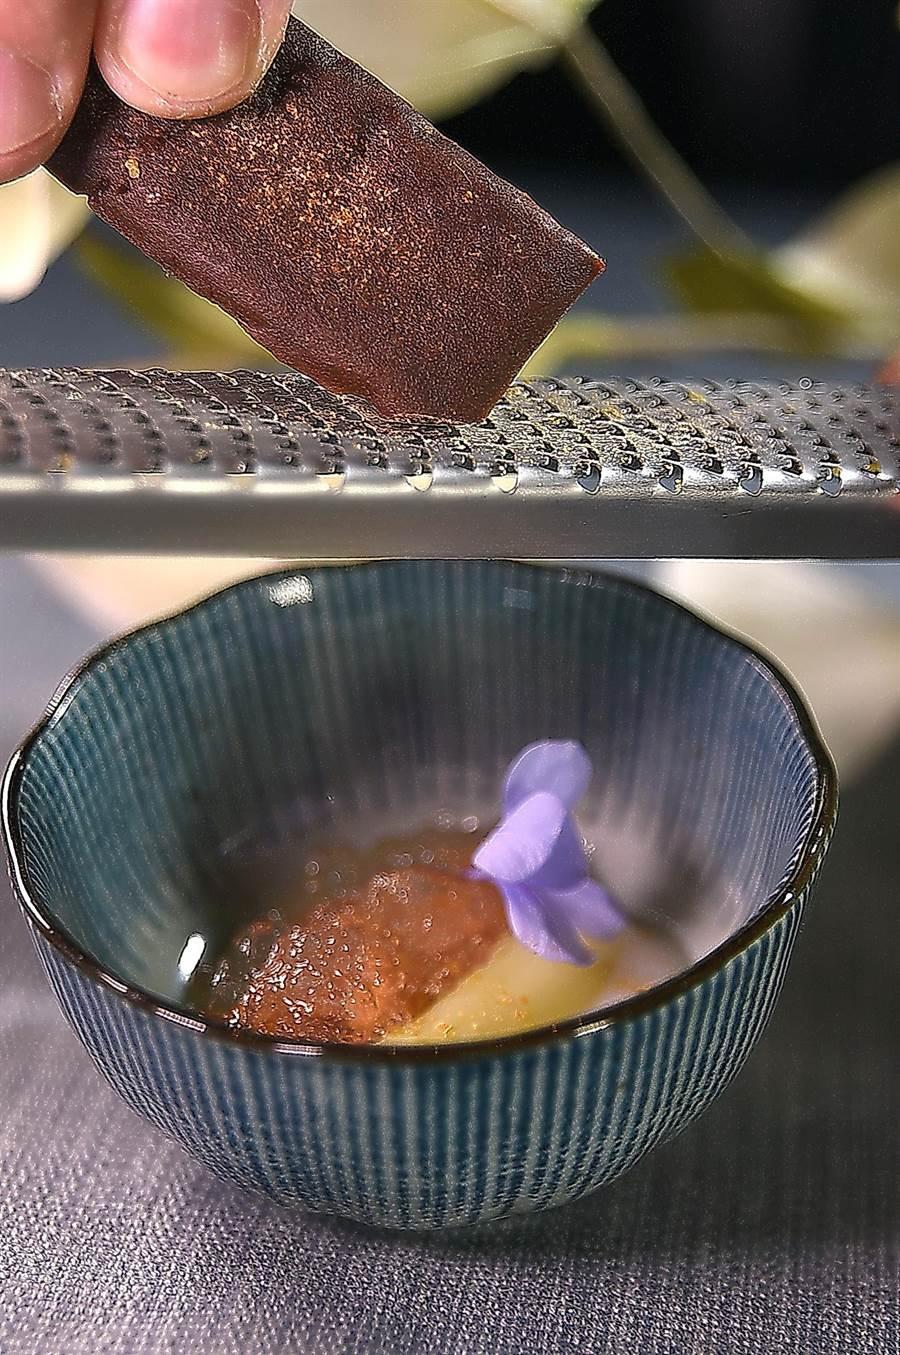 為了傳遞「海味」,〈白蘆筍/海膽〉上桌時會現刨JNobu自製的風乾海膽,使這菜入味更添鹹香。(圖/姚舜)